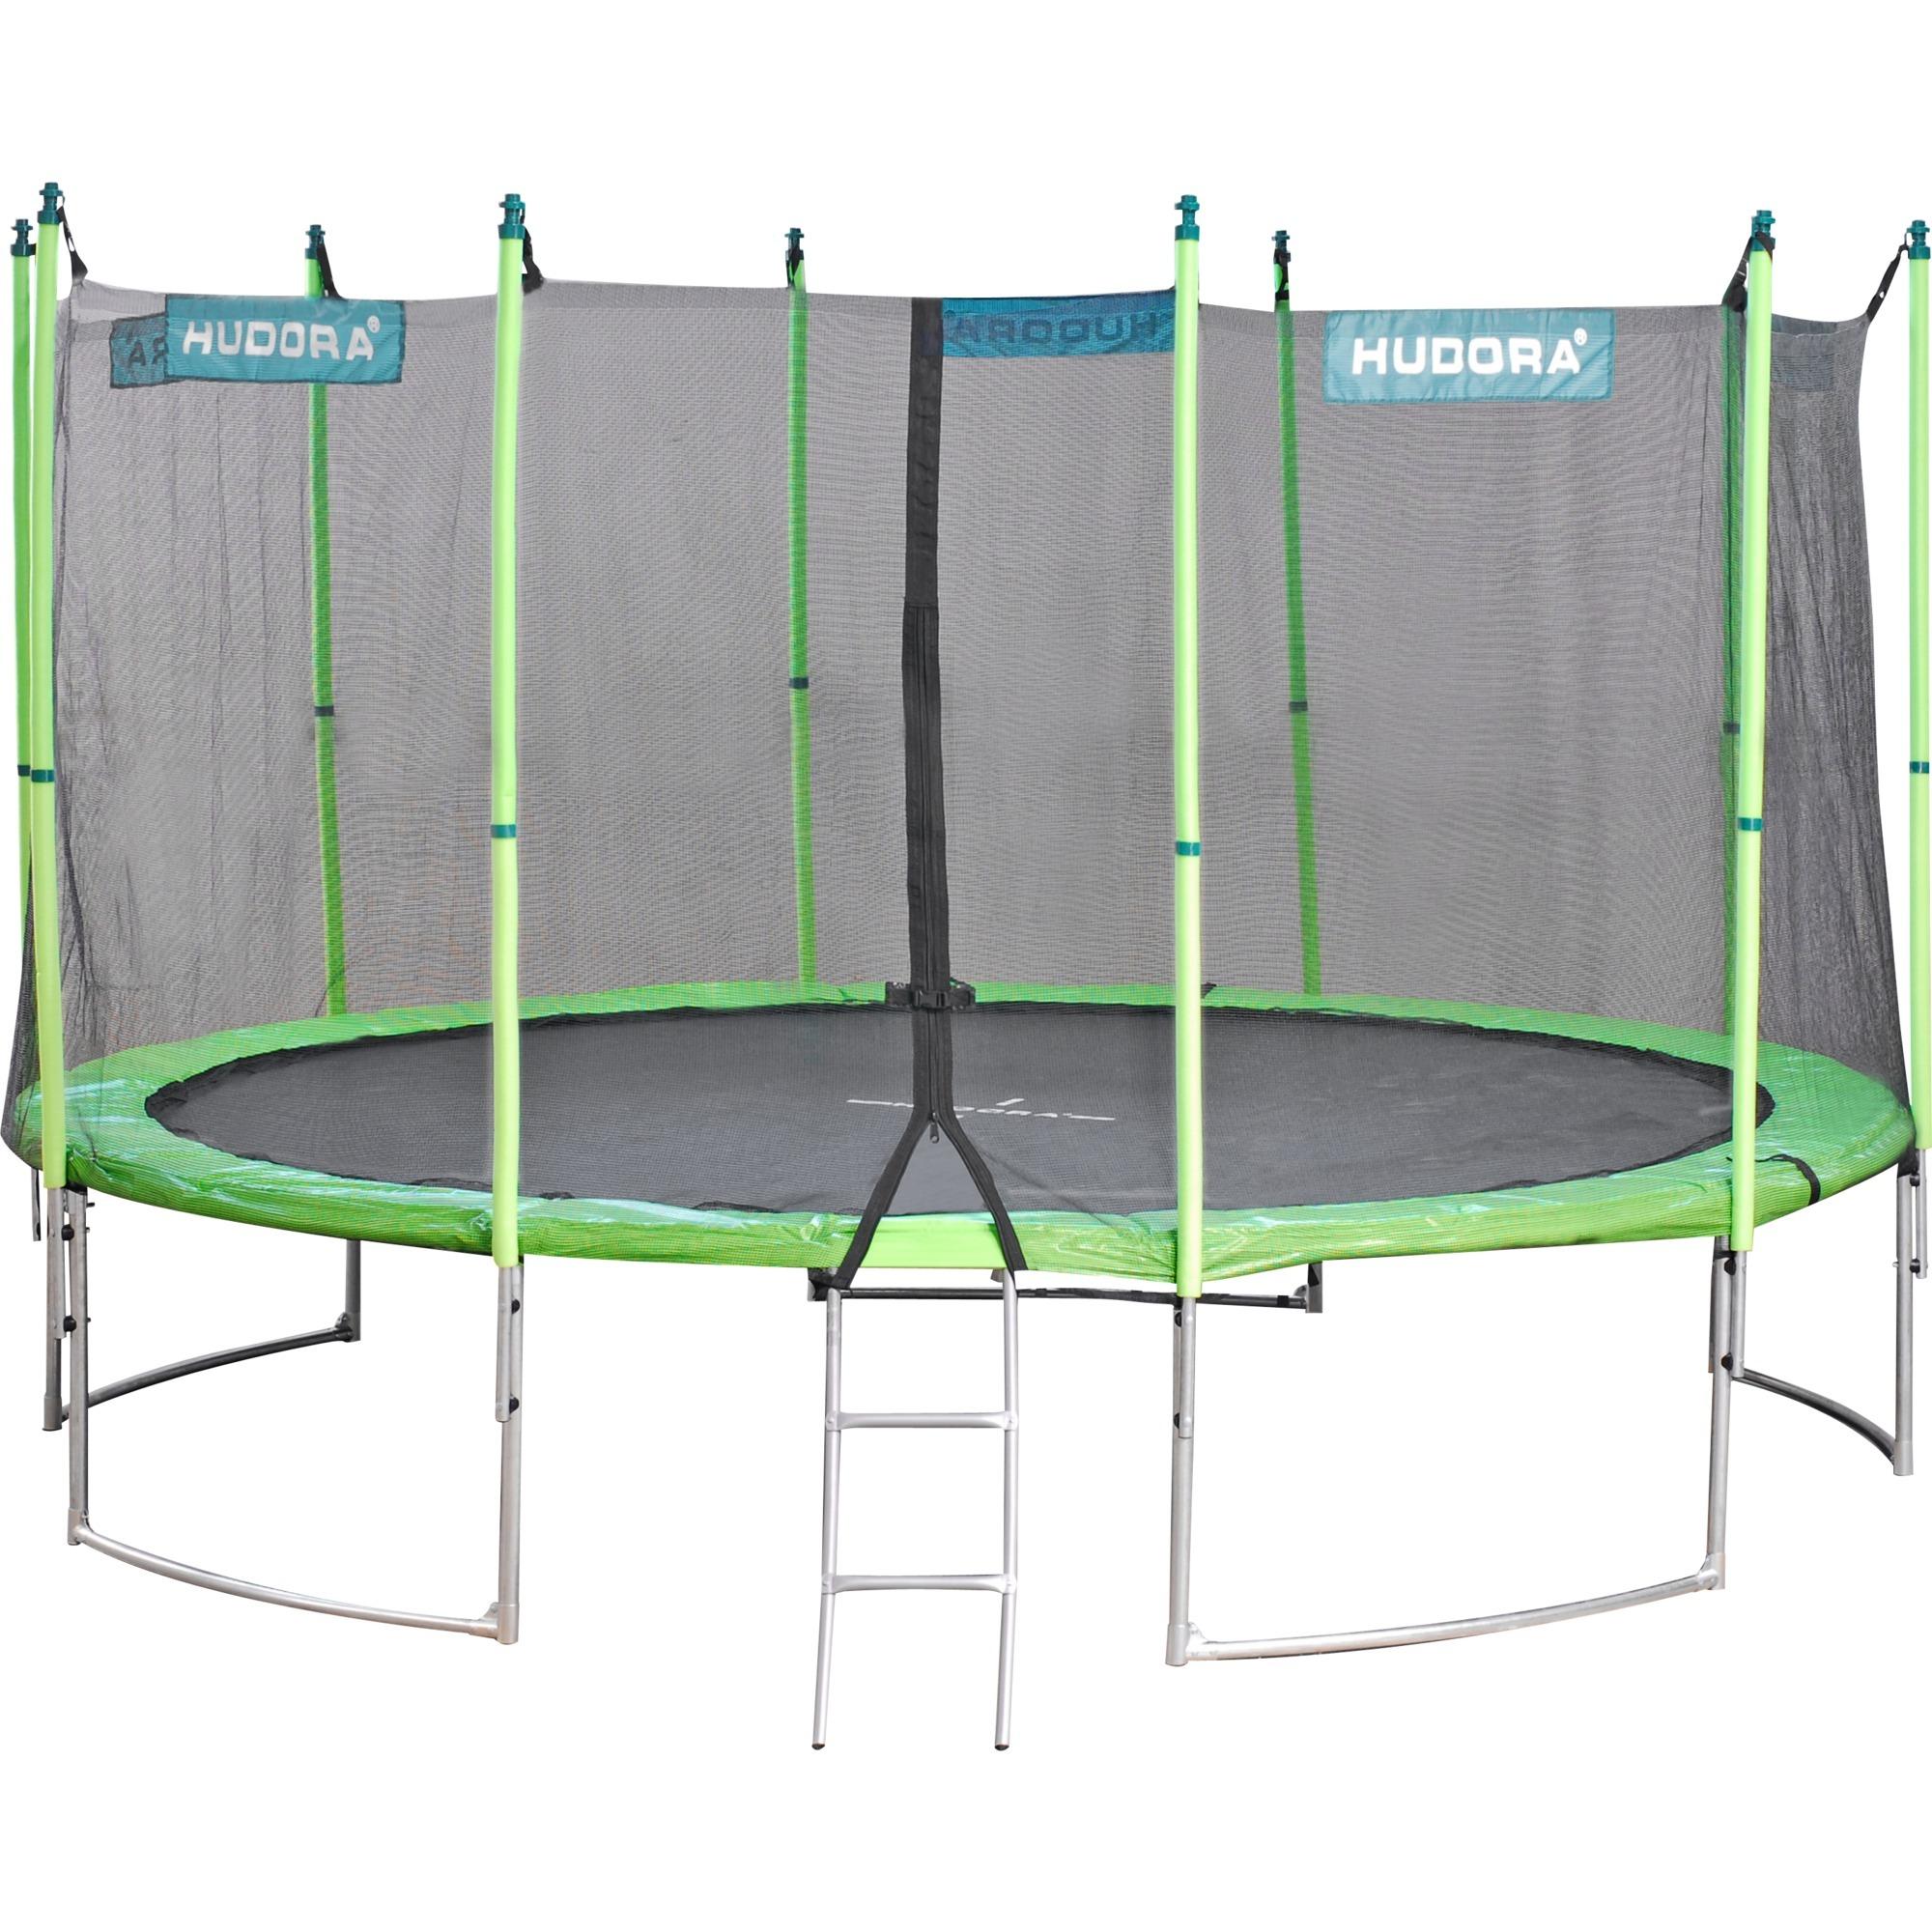 hudora trampolin 366 awesome trampolin cm feder abdeckung blau ft pv with hudora trampolin 366. Black Bedroom Furniture Sets. Home Design Ideas